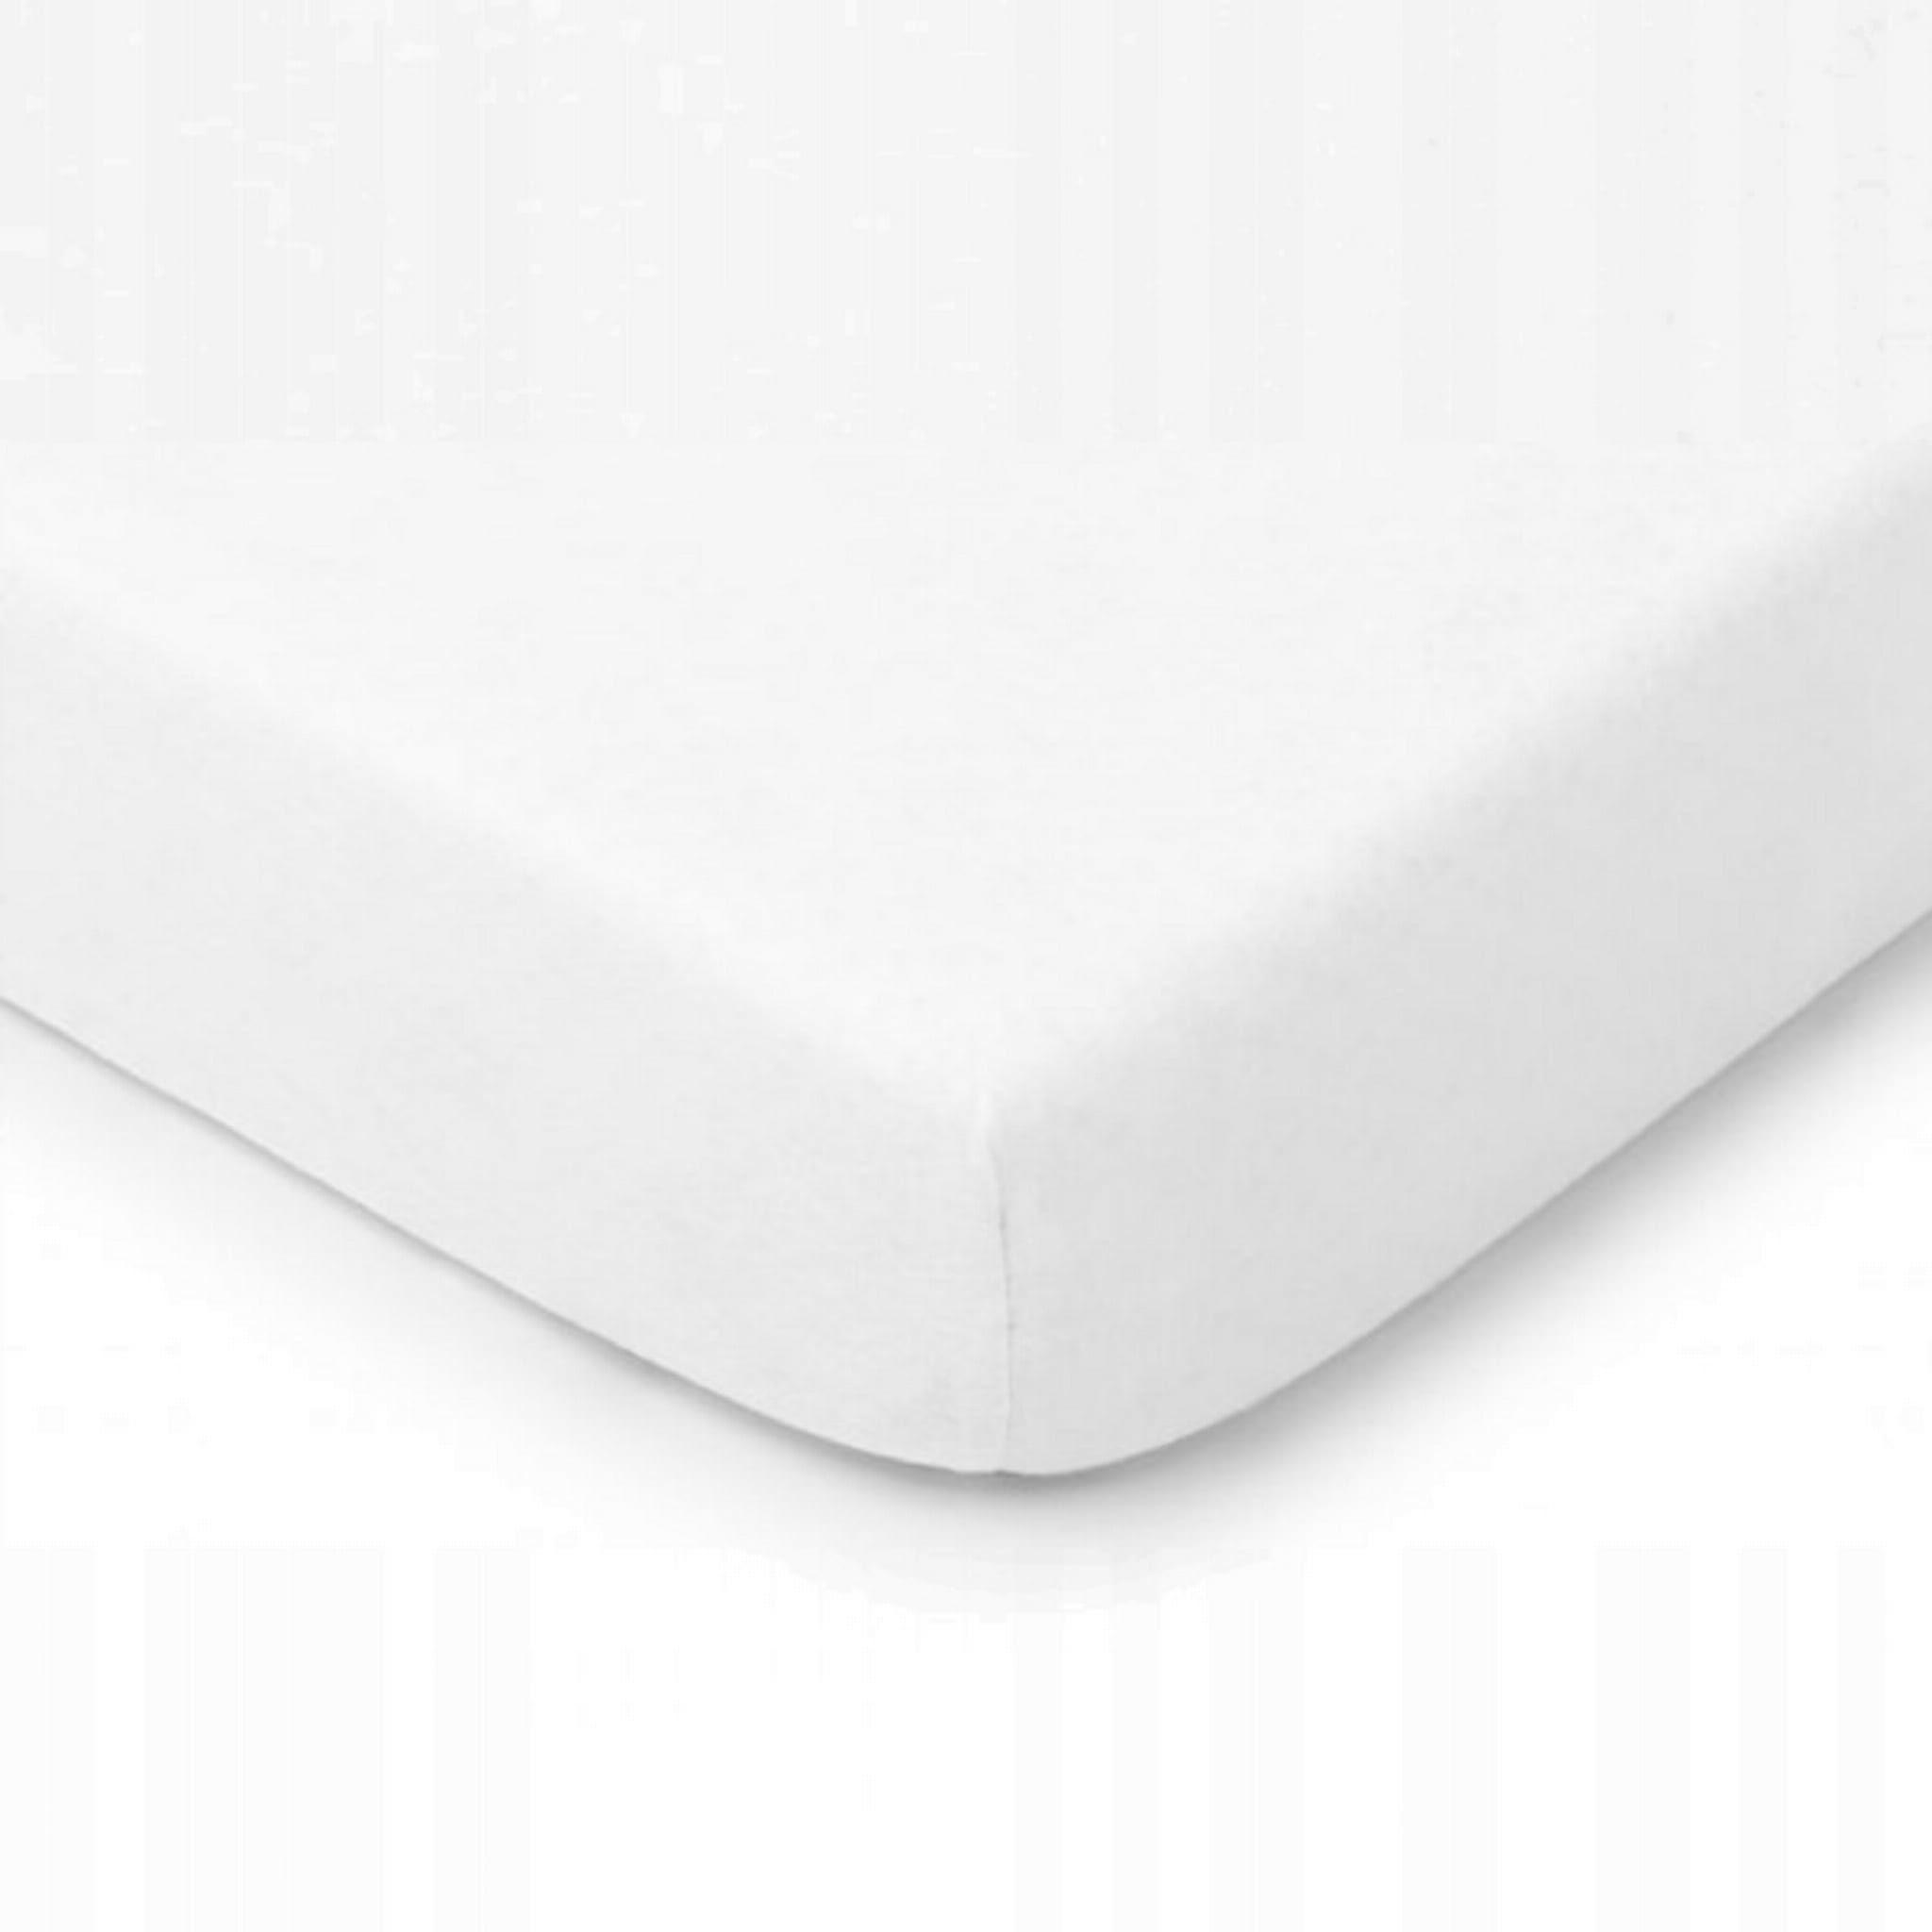 Prześcieradło Jersey 220x200 z gumką białe biały biel